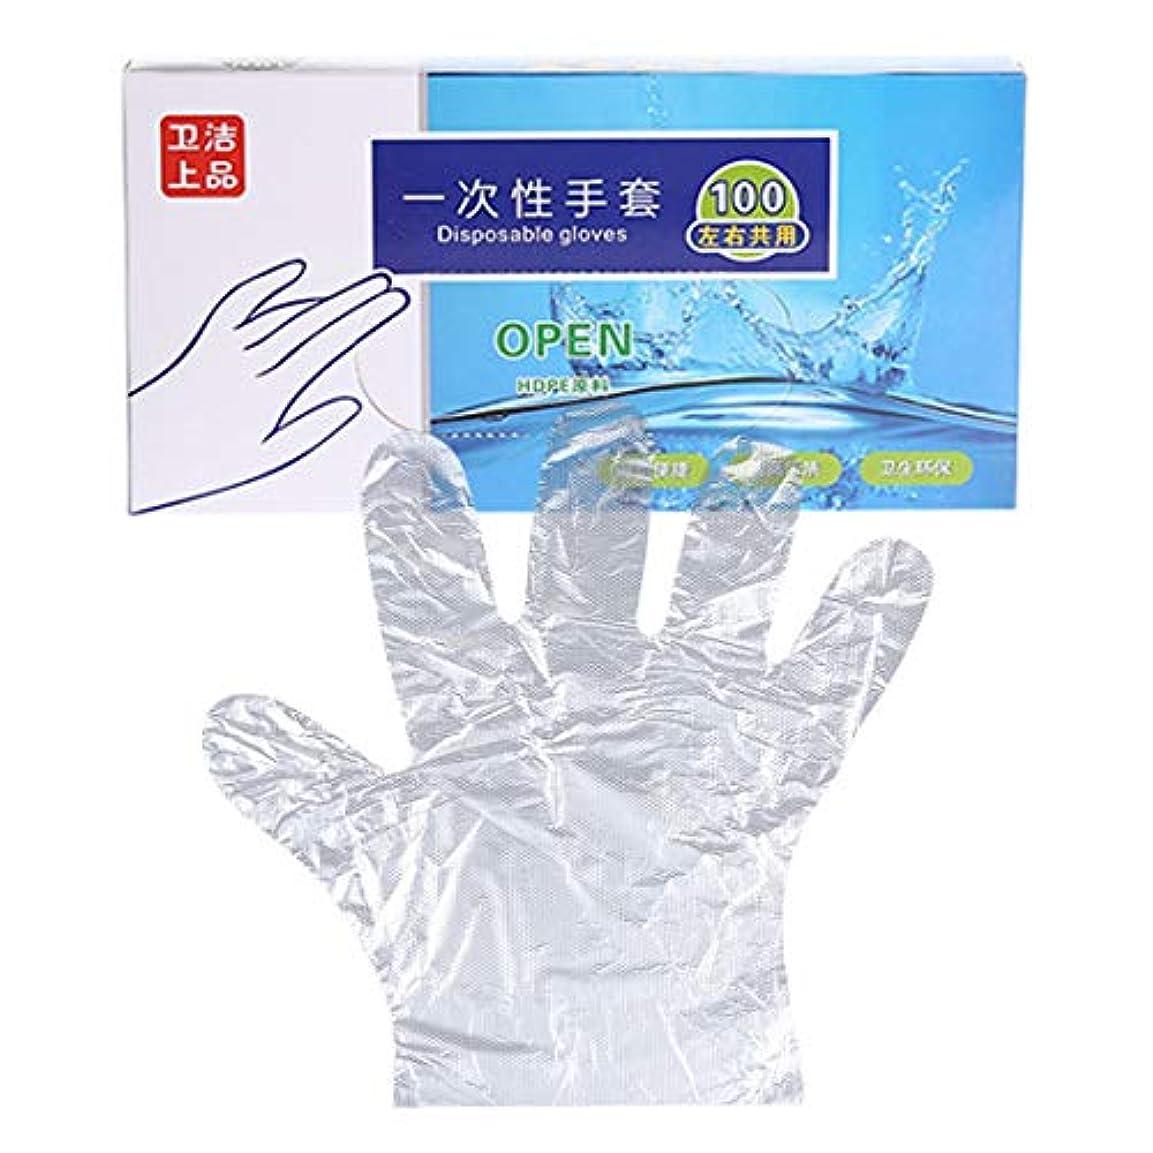 鷹首謀者ペルソナBemin 使い捨て手袋 100本入 透明 フリーサイズ グローブ ポリエチレン手袋 左右兼用 ポリエチレン PE 実用 衛生 調理 清掃 染髪